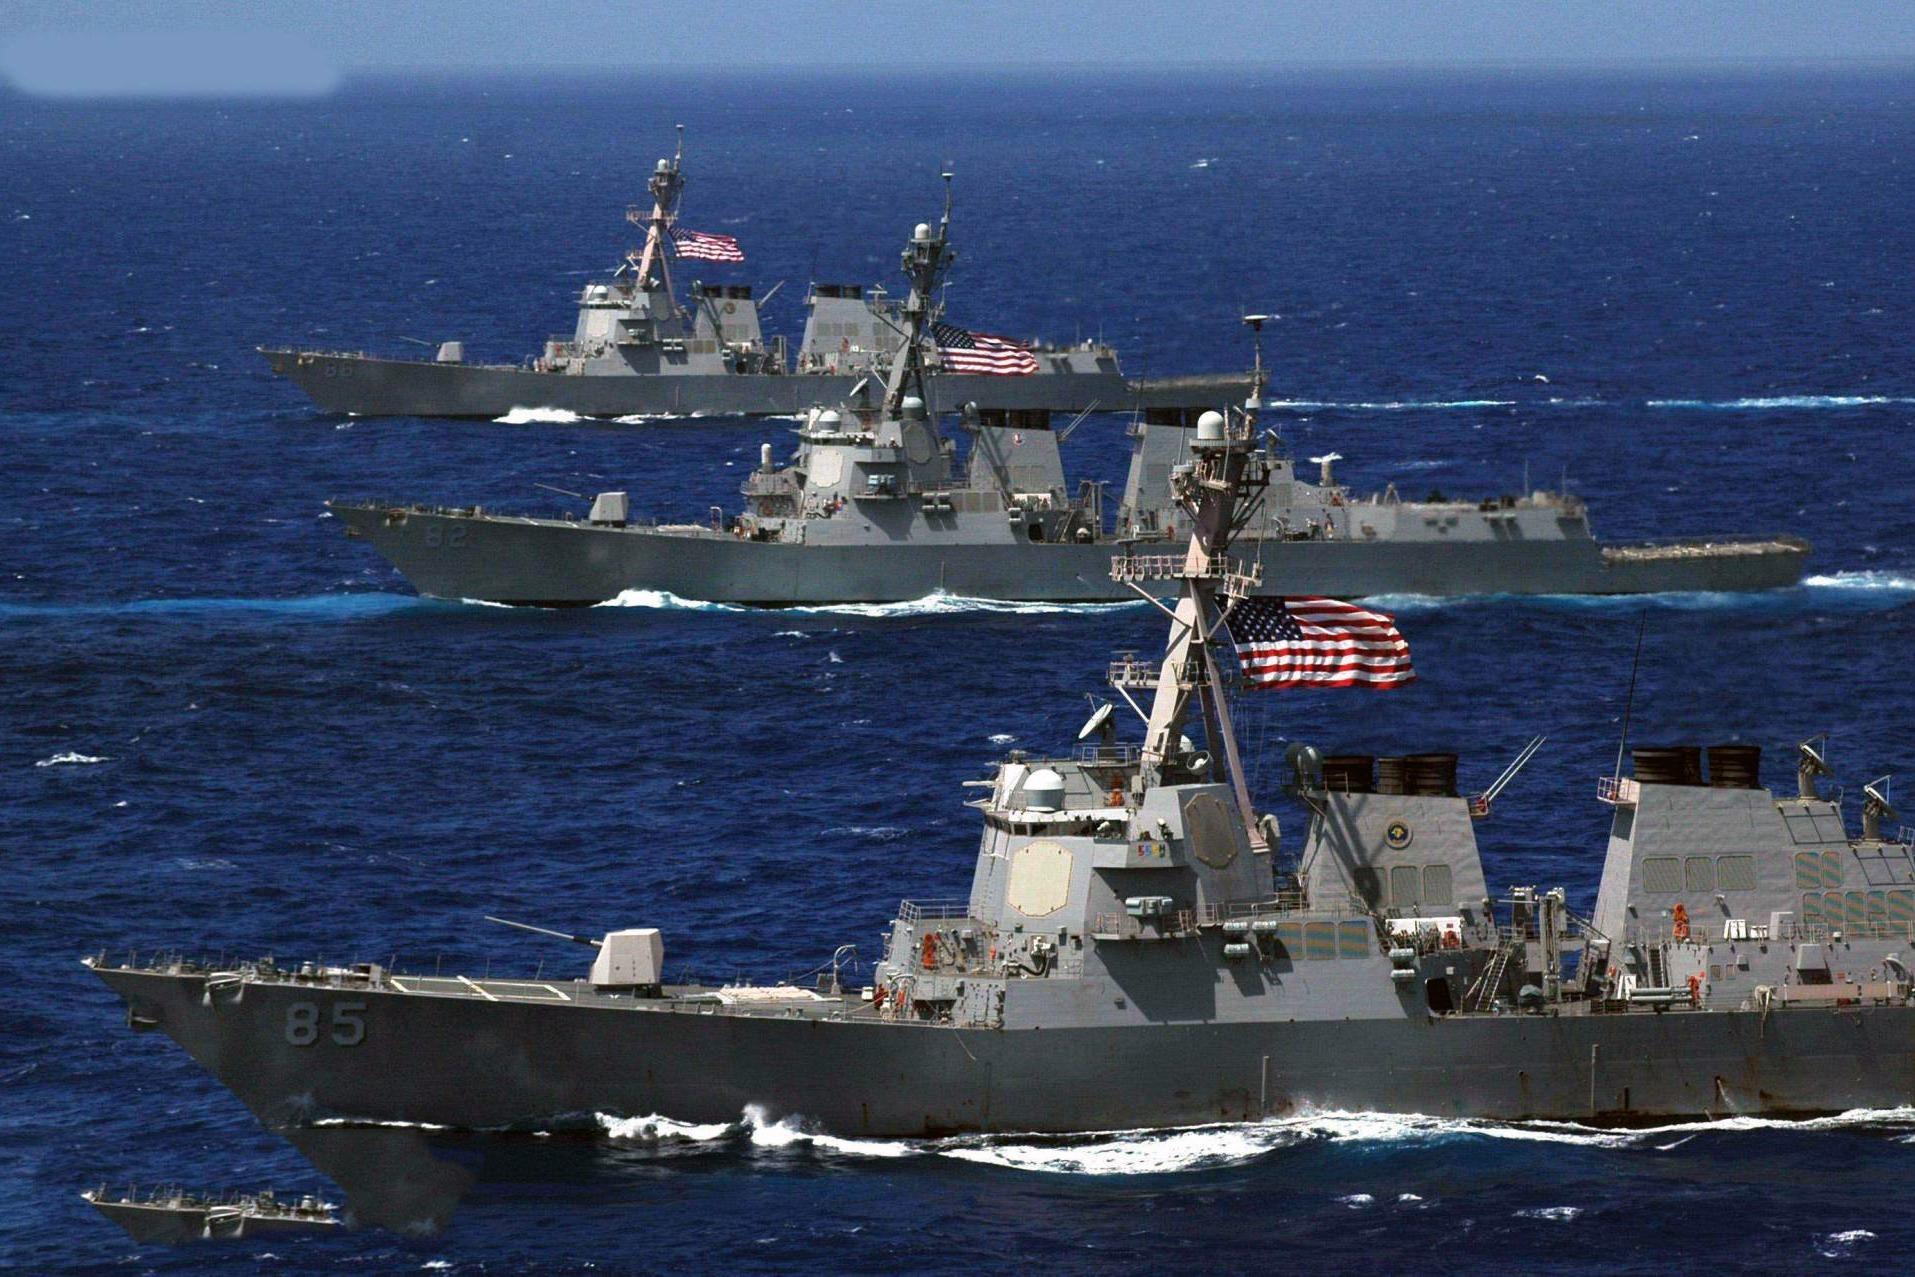 «Американский флот это не тренажеры для российских военных» - протест США после блокировки ракетного эсминца